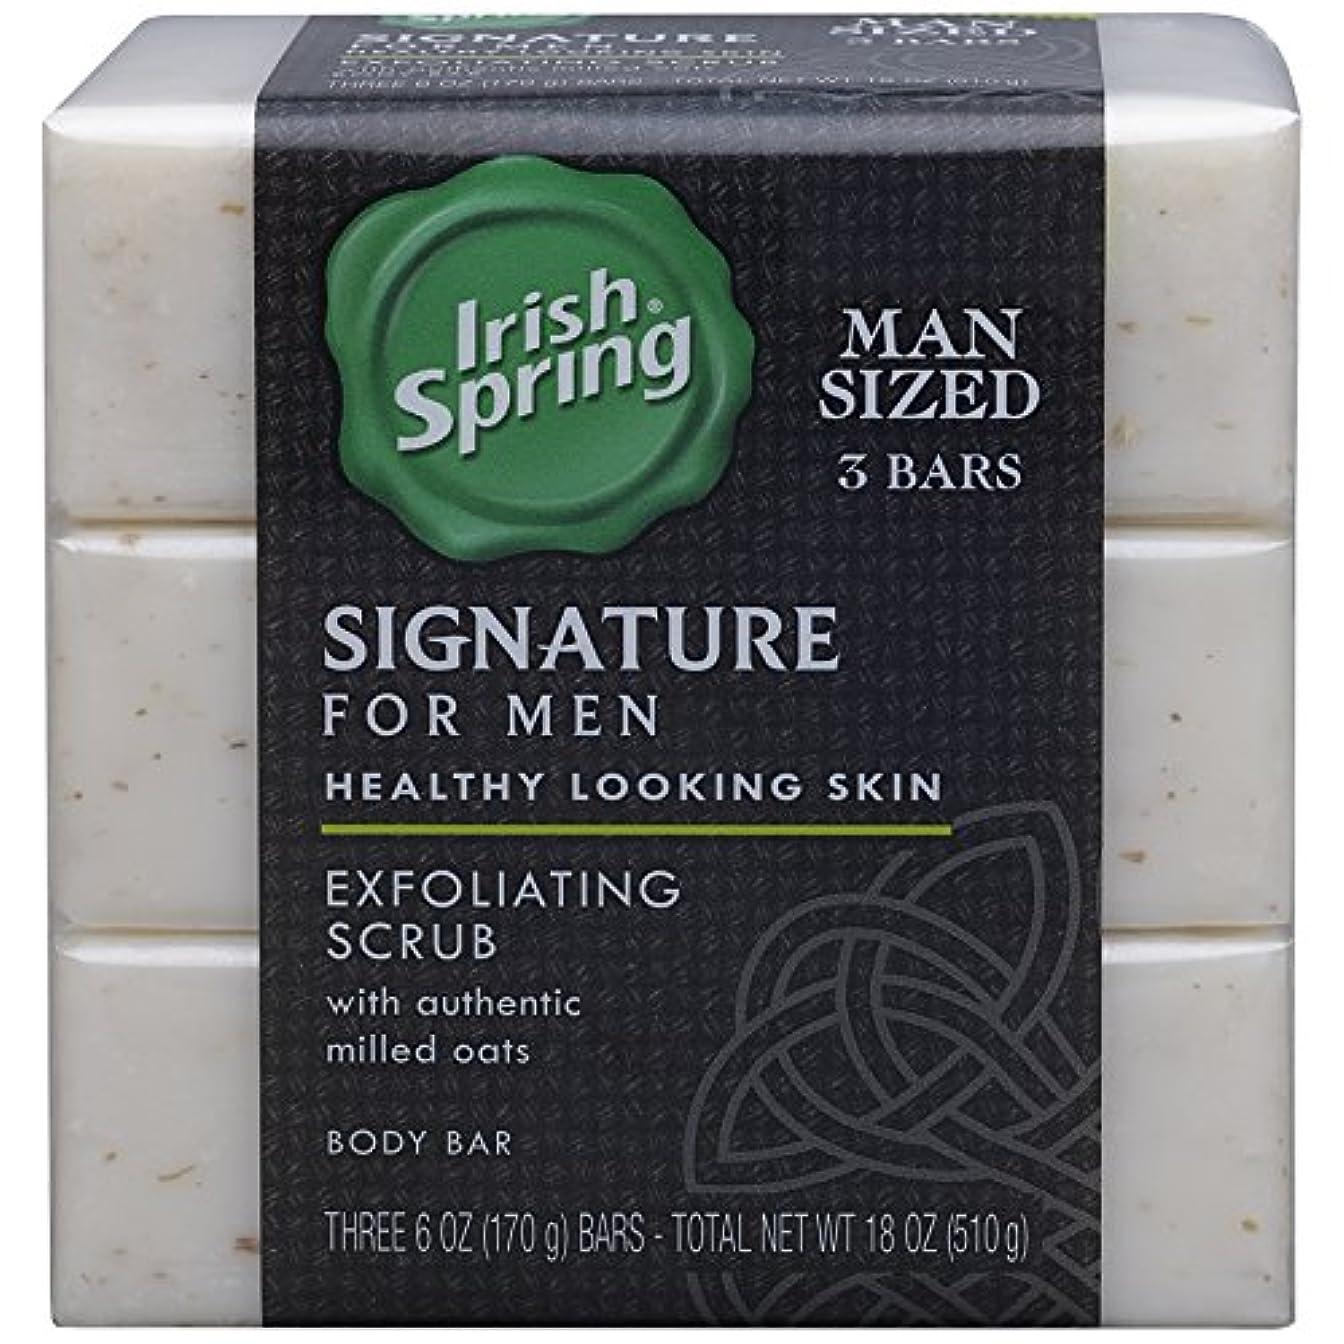 良さ適切なテラスIrish Spring 署名ピーリング石鹸、6オンス、3カウント